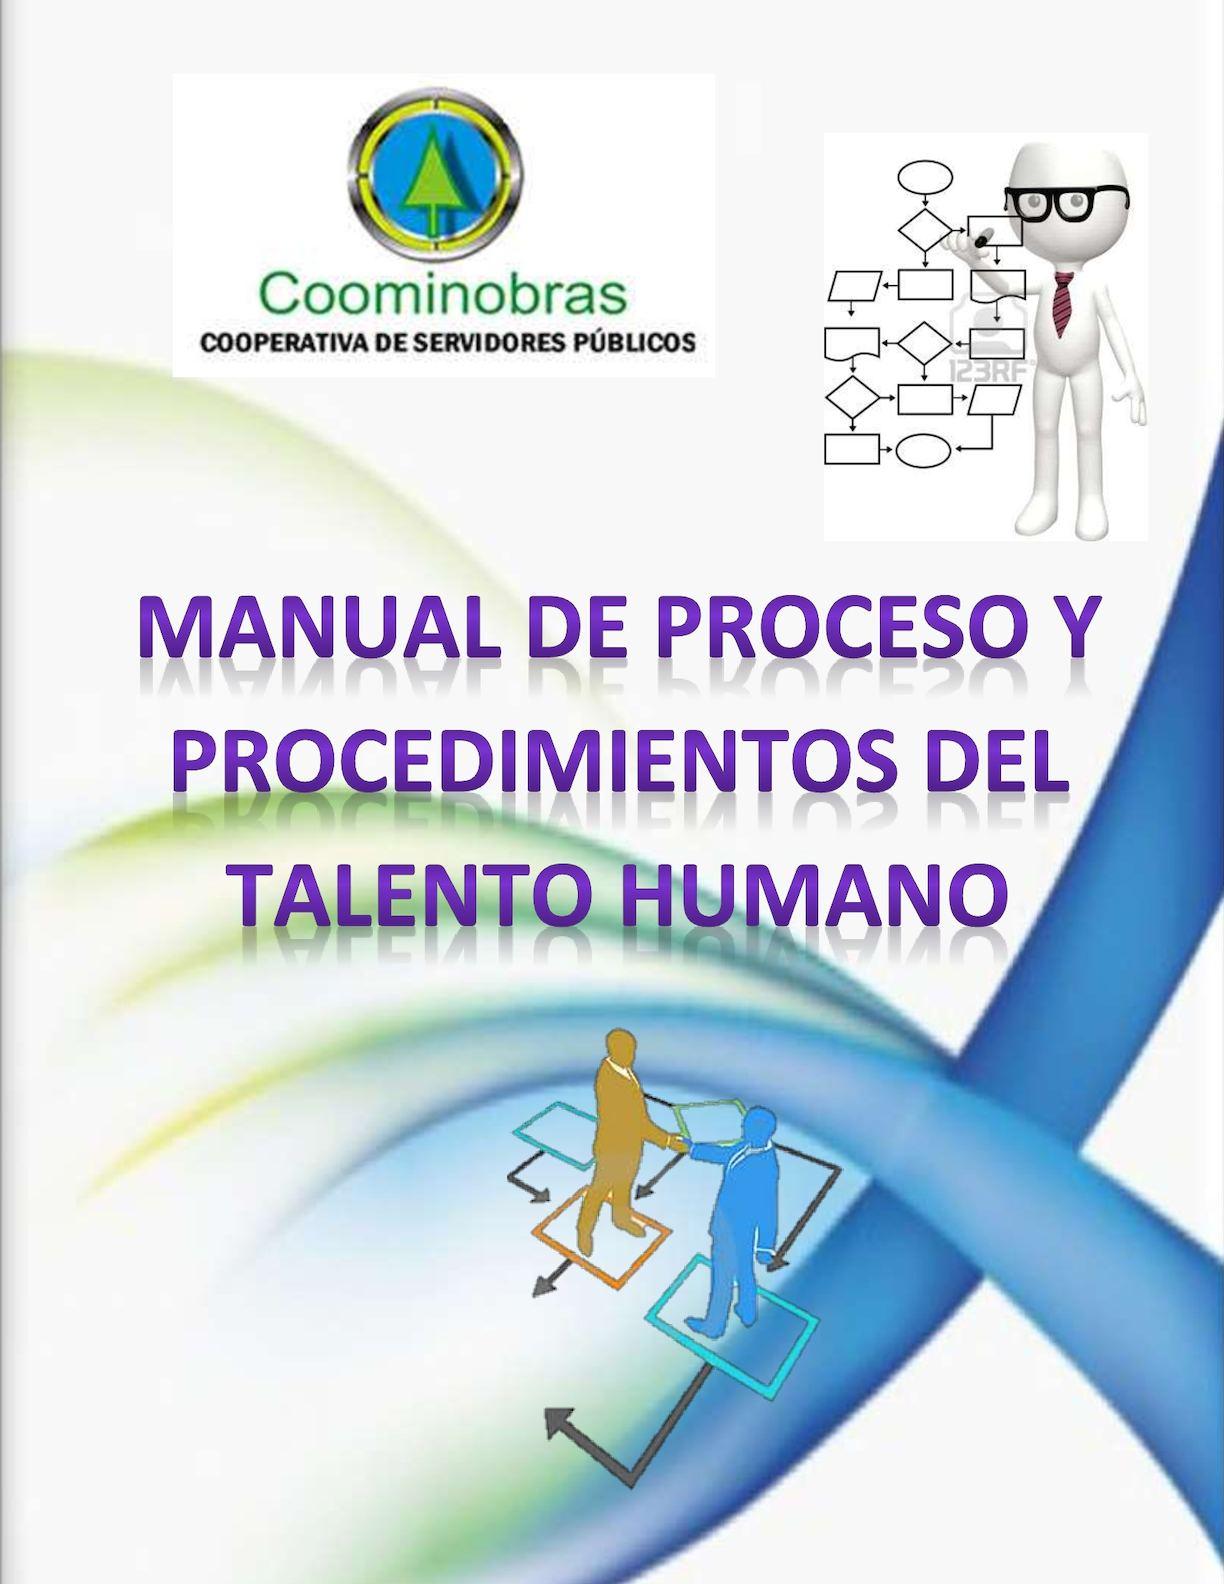 Manual De Proceso Y Procedimientos Talento Humano